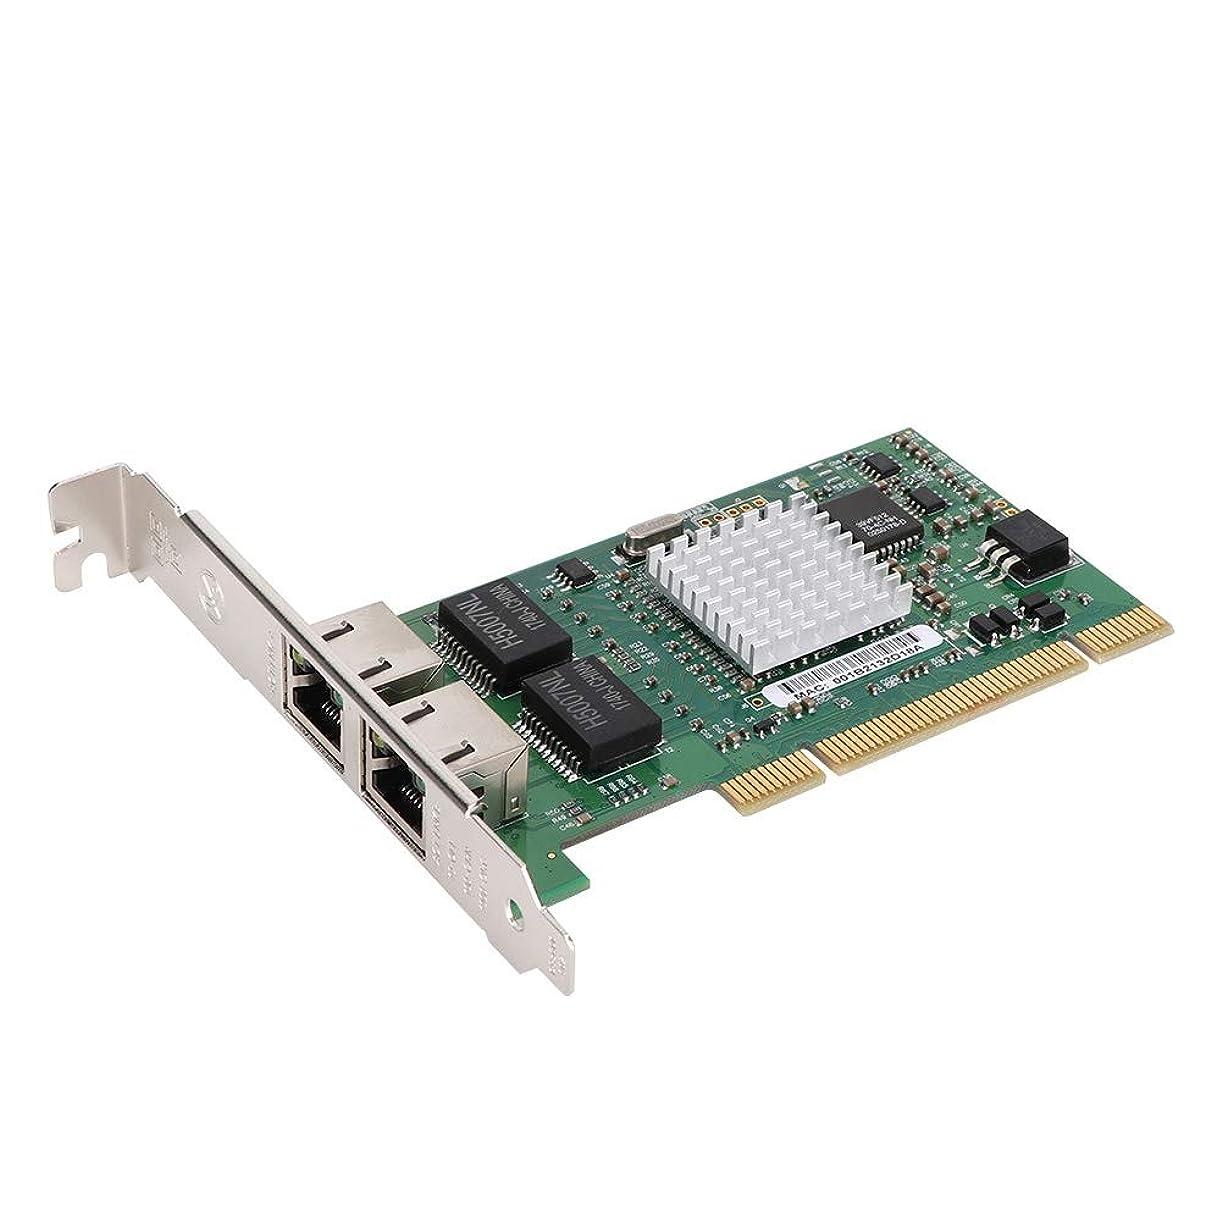 家族宝高原ASHATA Intel 82546チップ8492MTデュアルポートギガビットLANカード SU-LRI82546 10/100 / 1000Mbps用